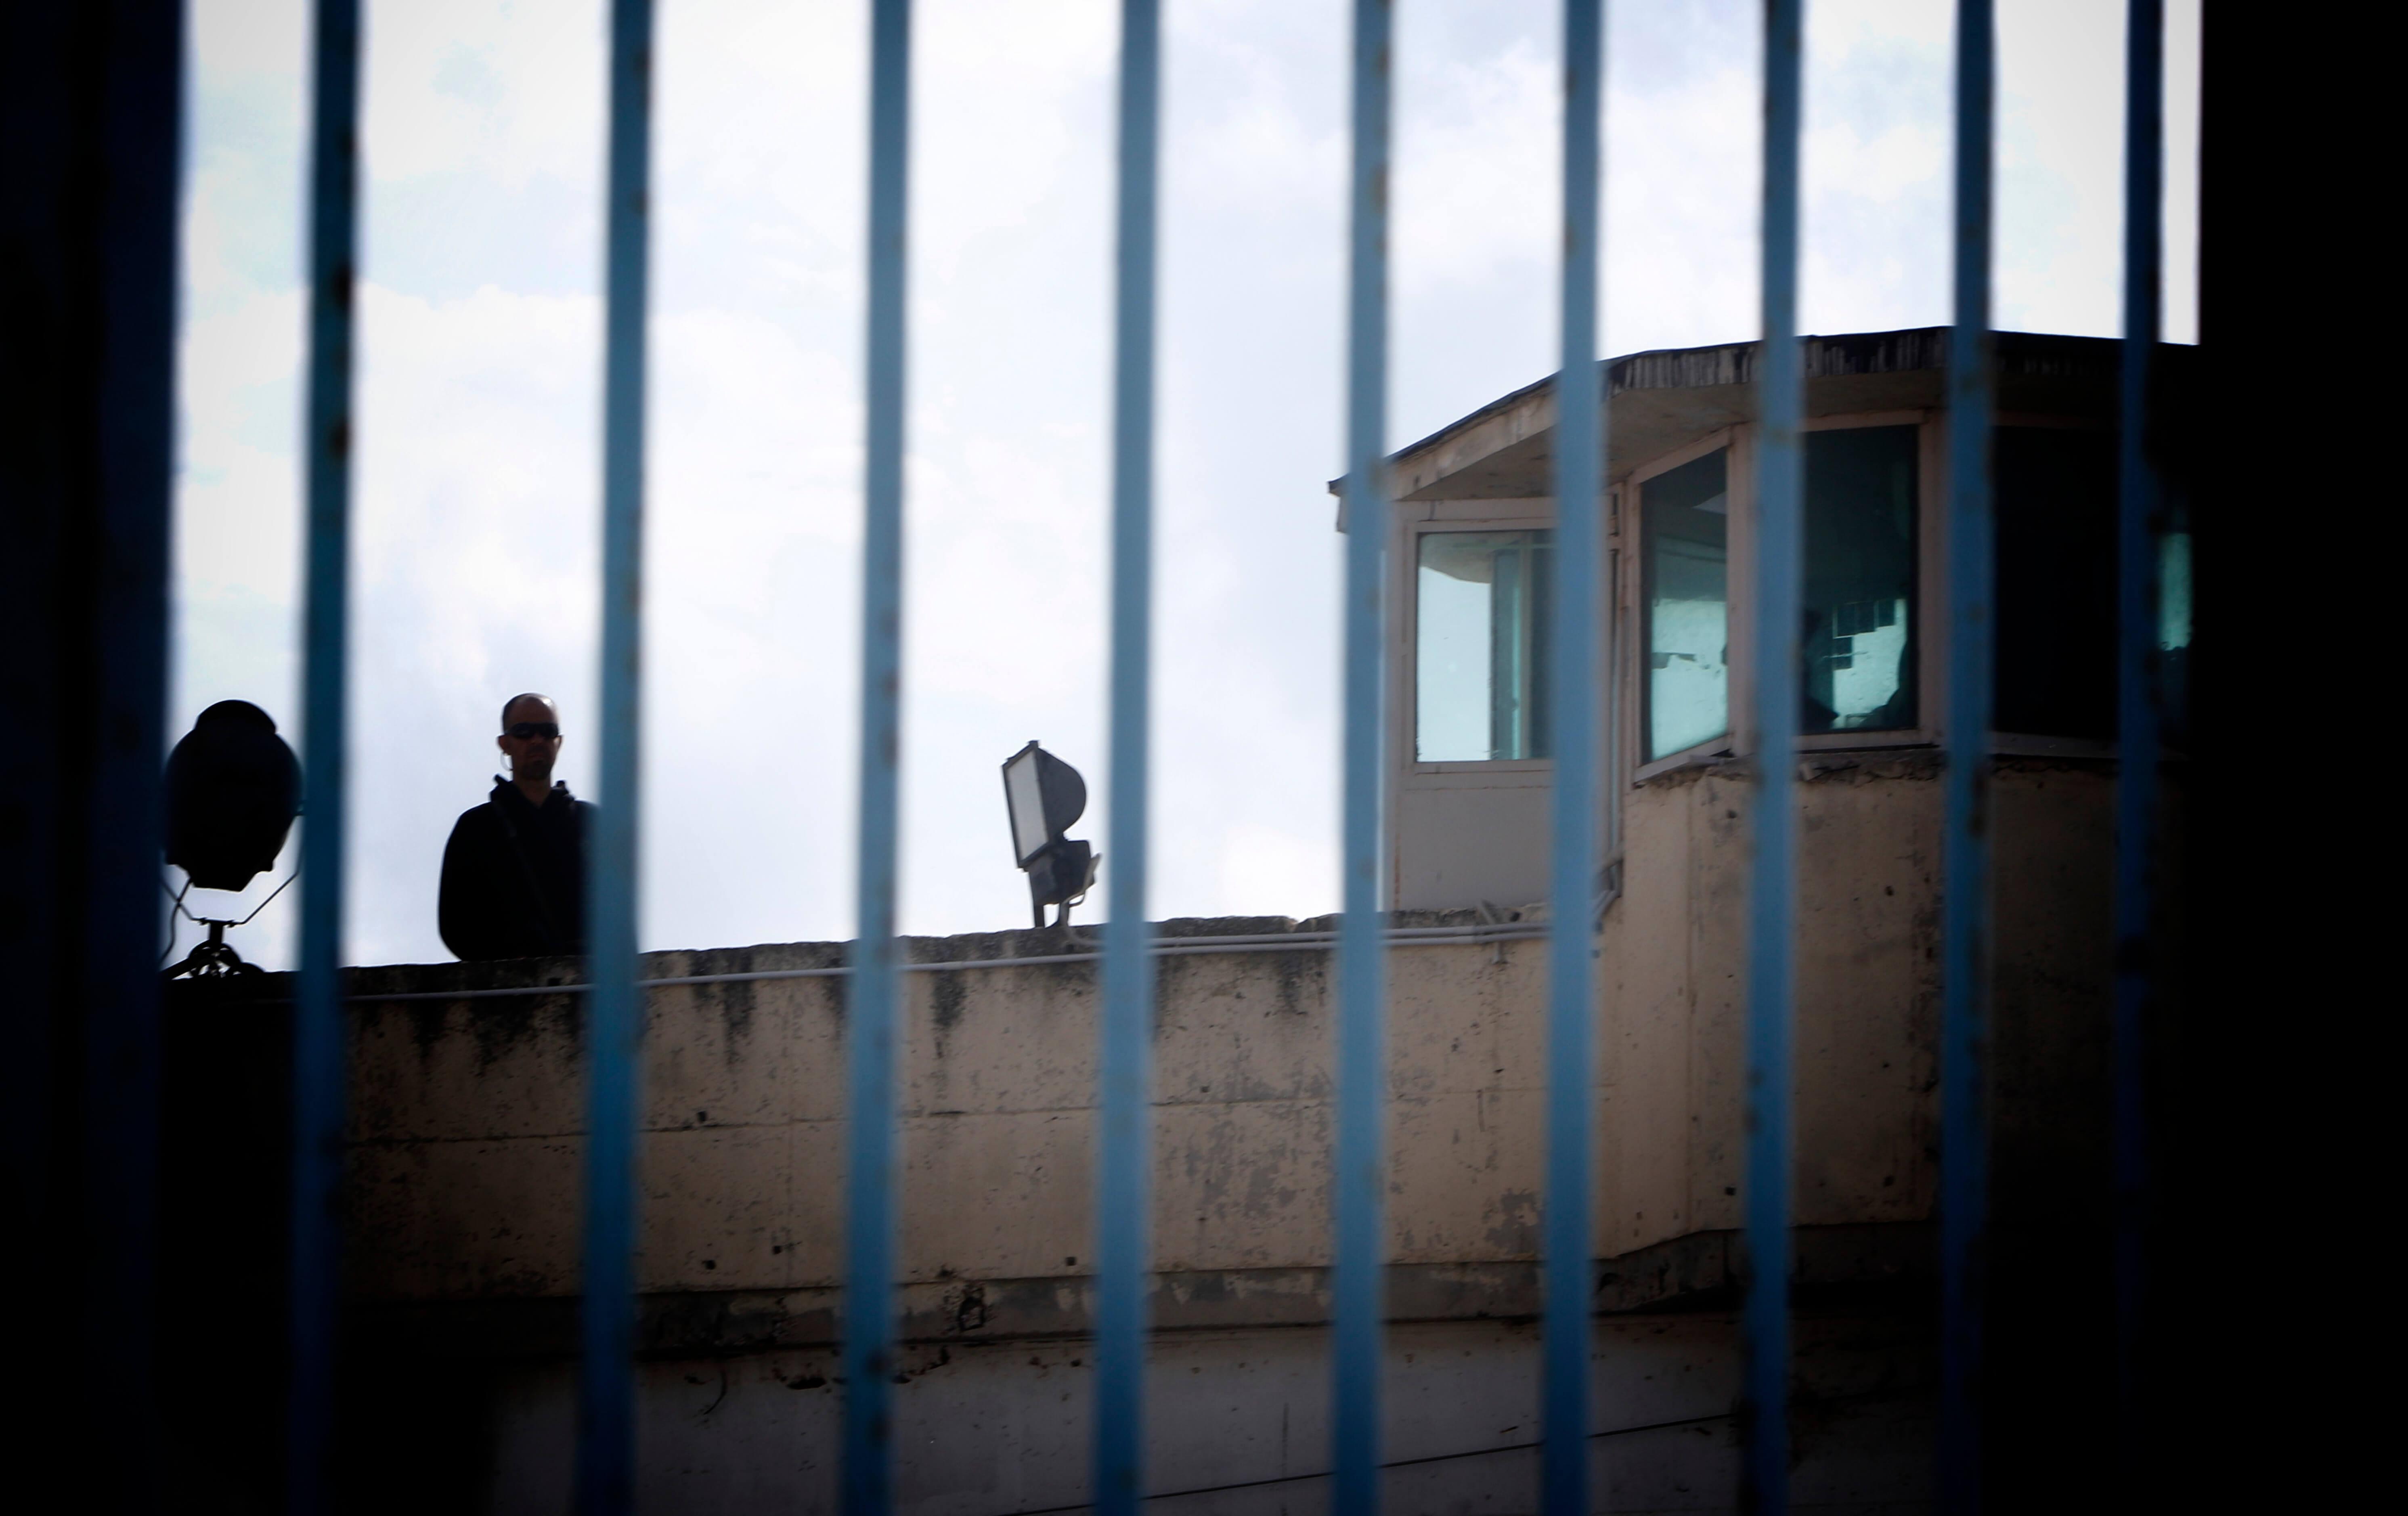 Ποιος ήταν ο 33χρονος που βρέθηκε νεκρός στον Κορυδαλλό – Η σχέση του με τους κατηγορούμενους για τη δολοφονία Ζαφειρόπουλου